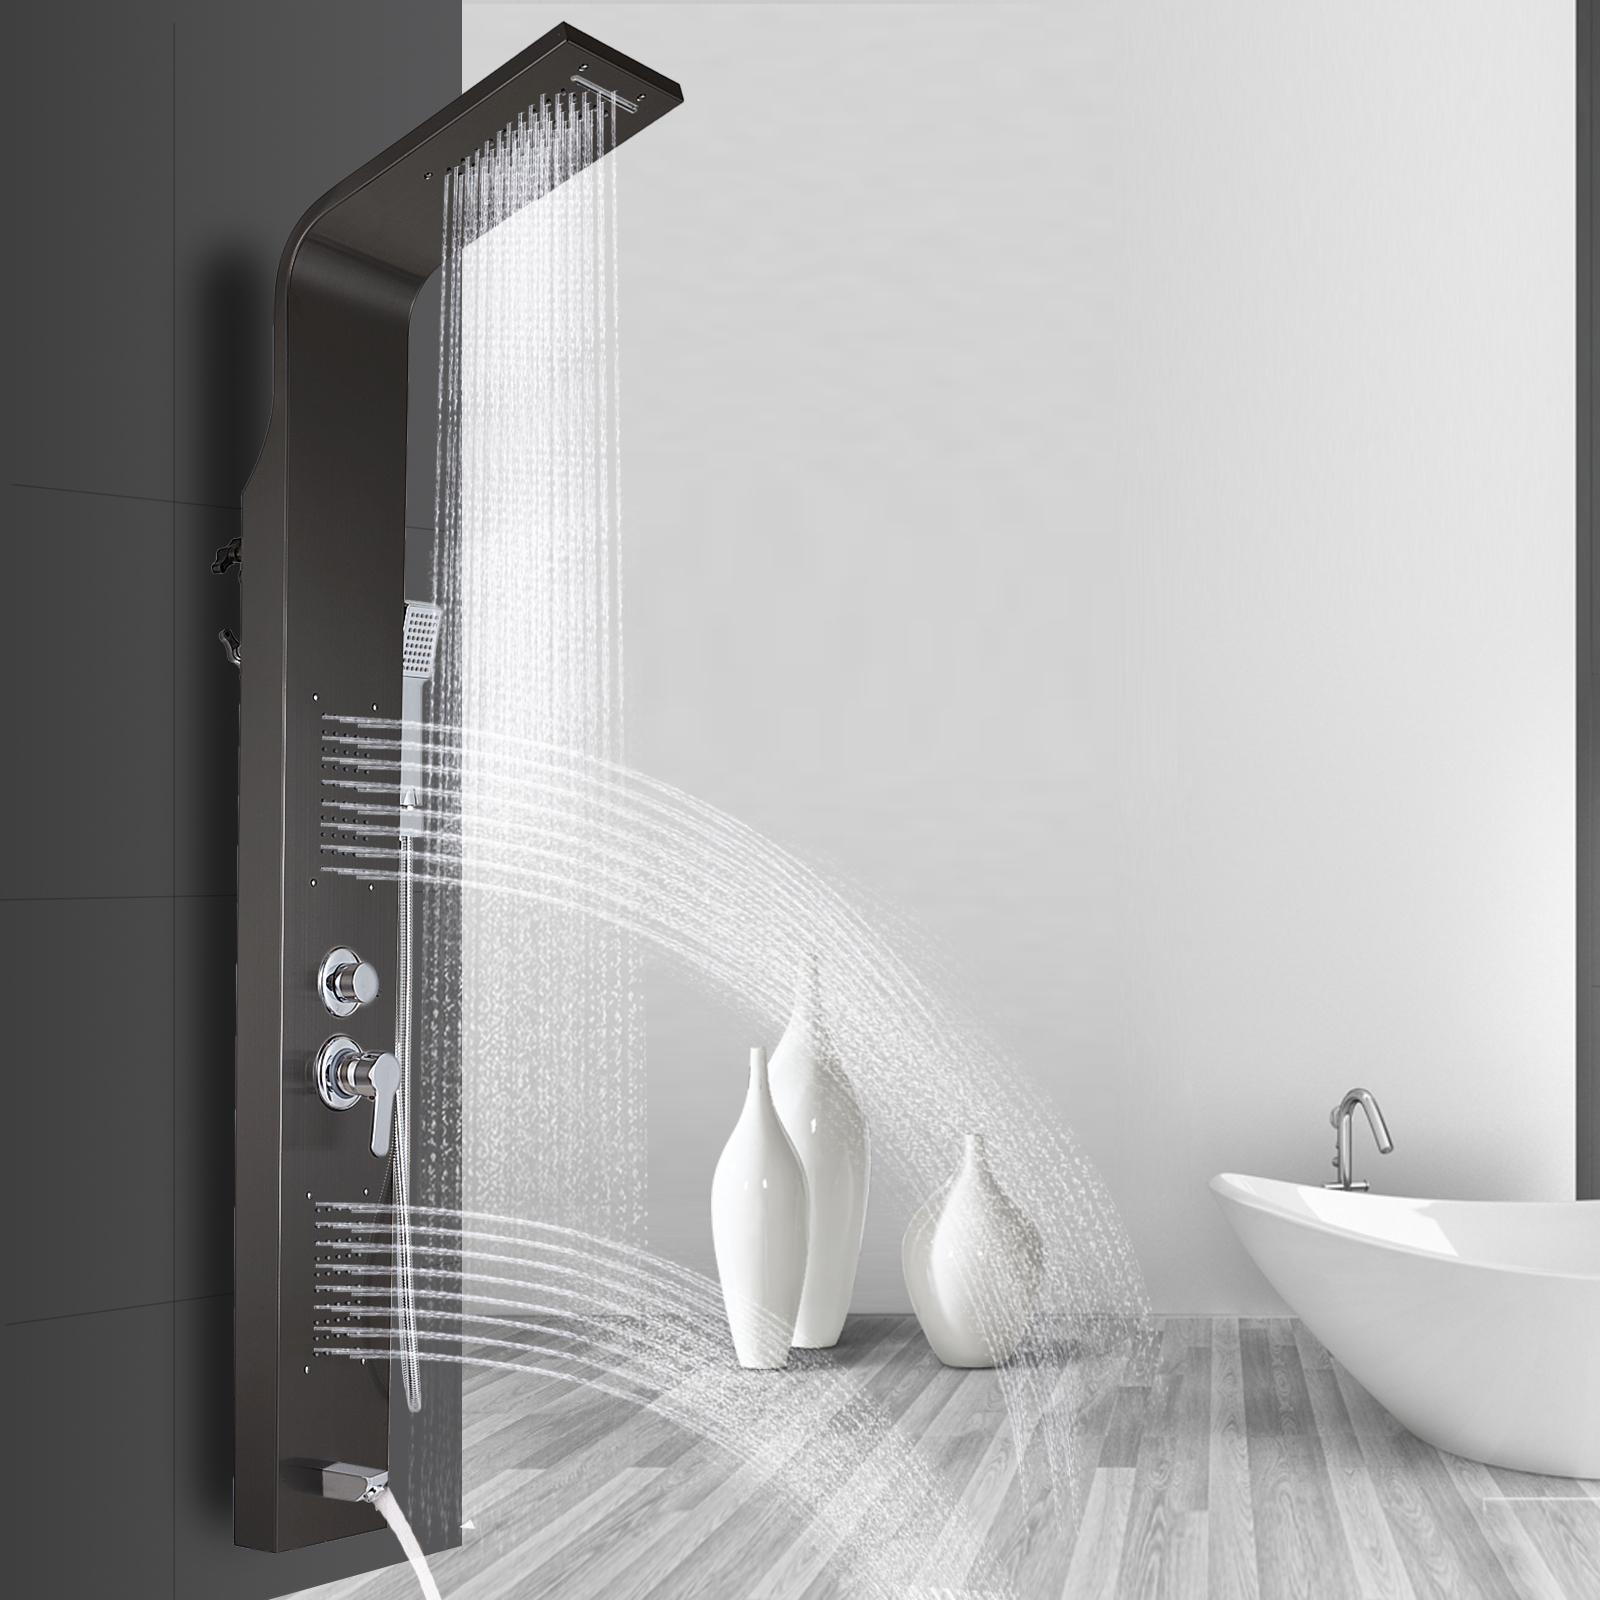 Pannello-doccia-idromassaggio-colonna-in-acciaio-inossidabile-con-miscelatore miniatura 54